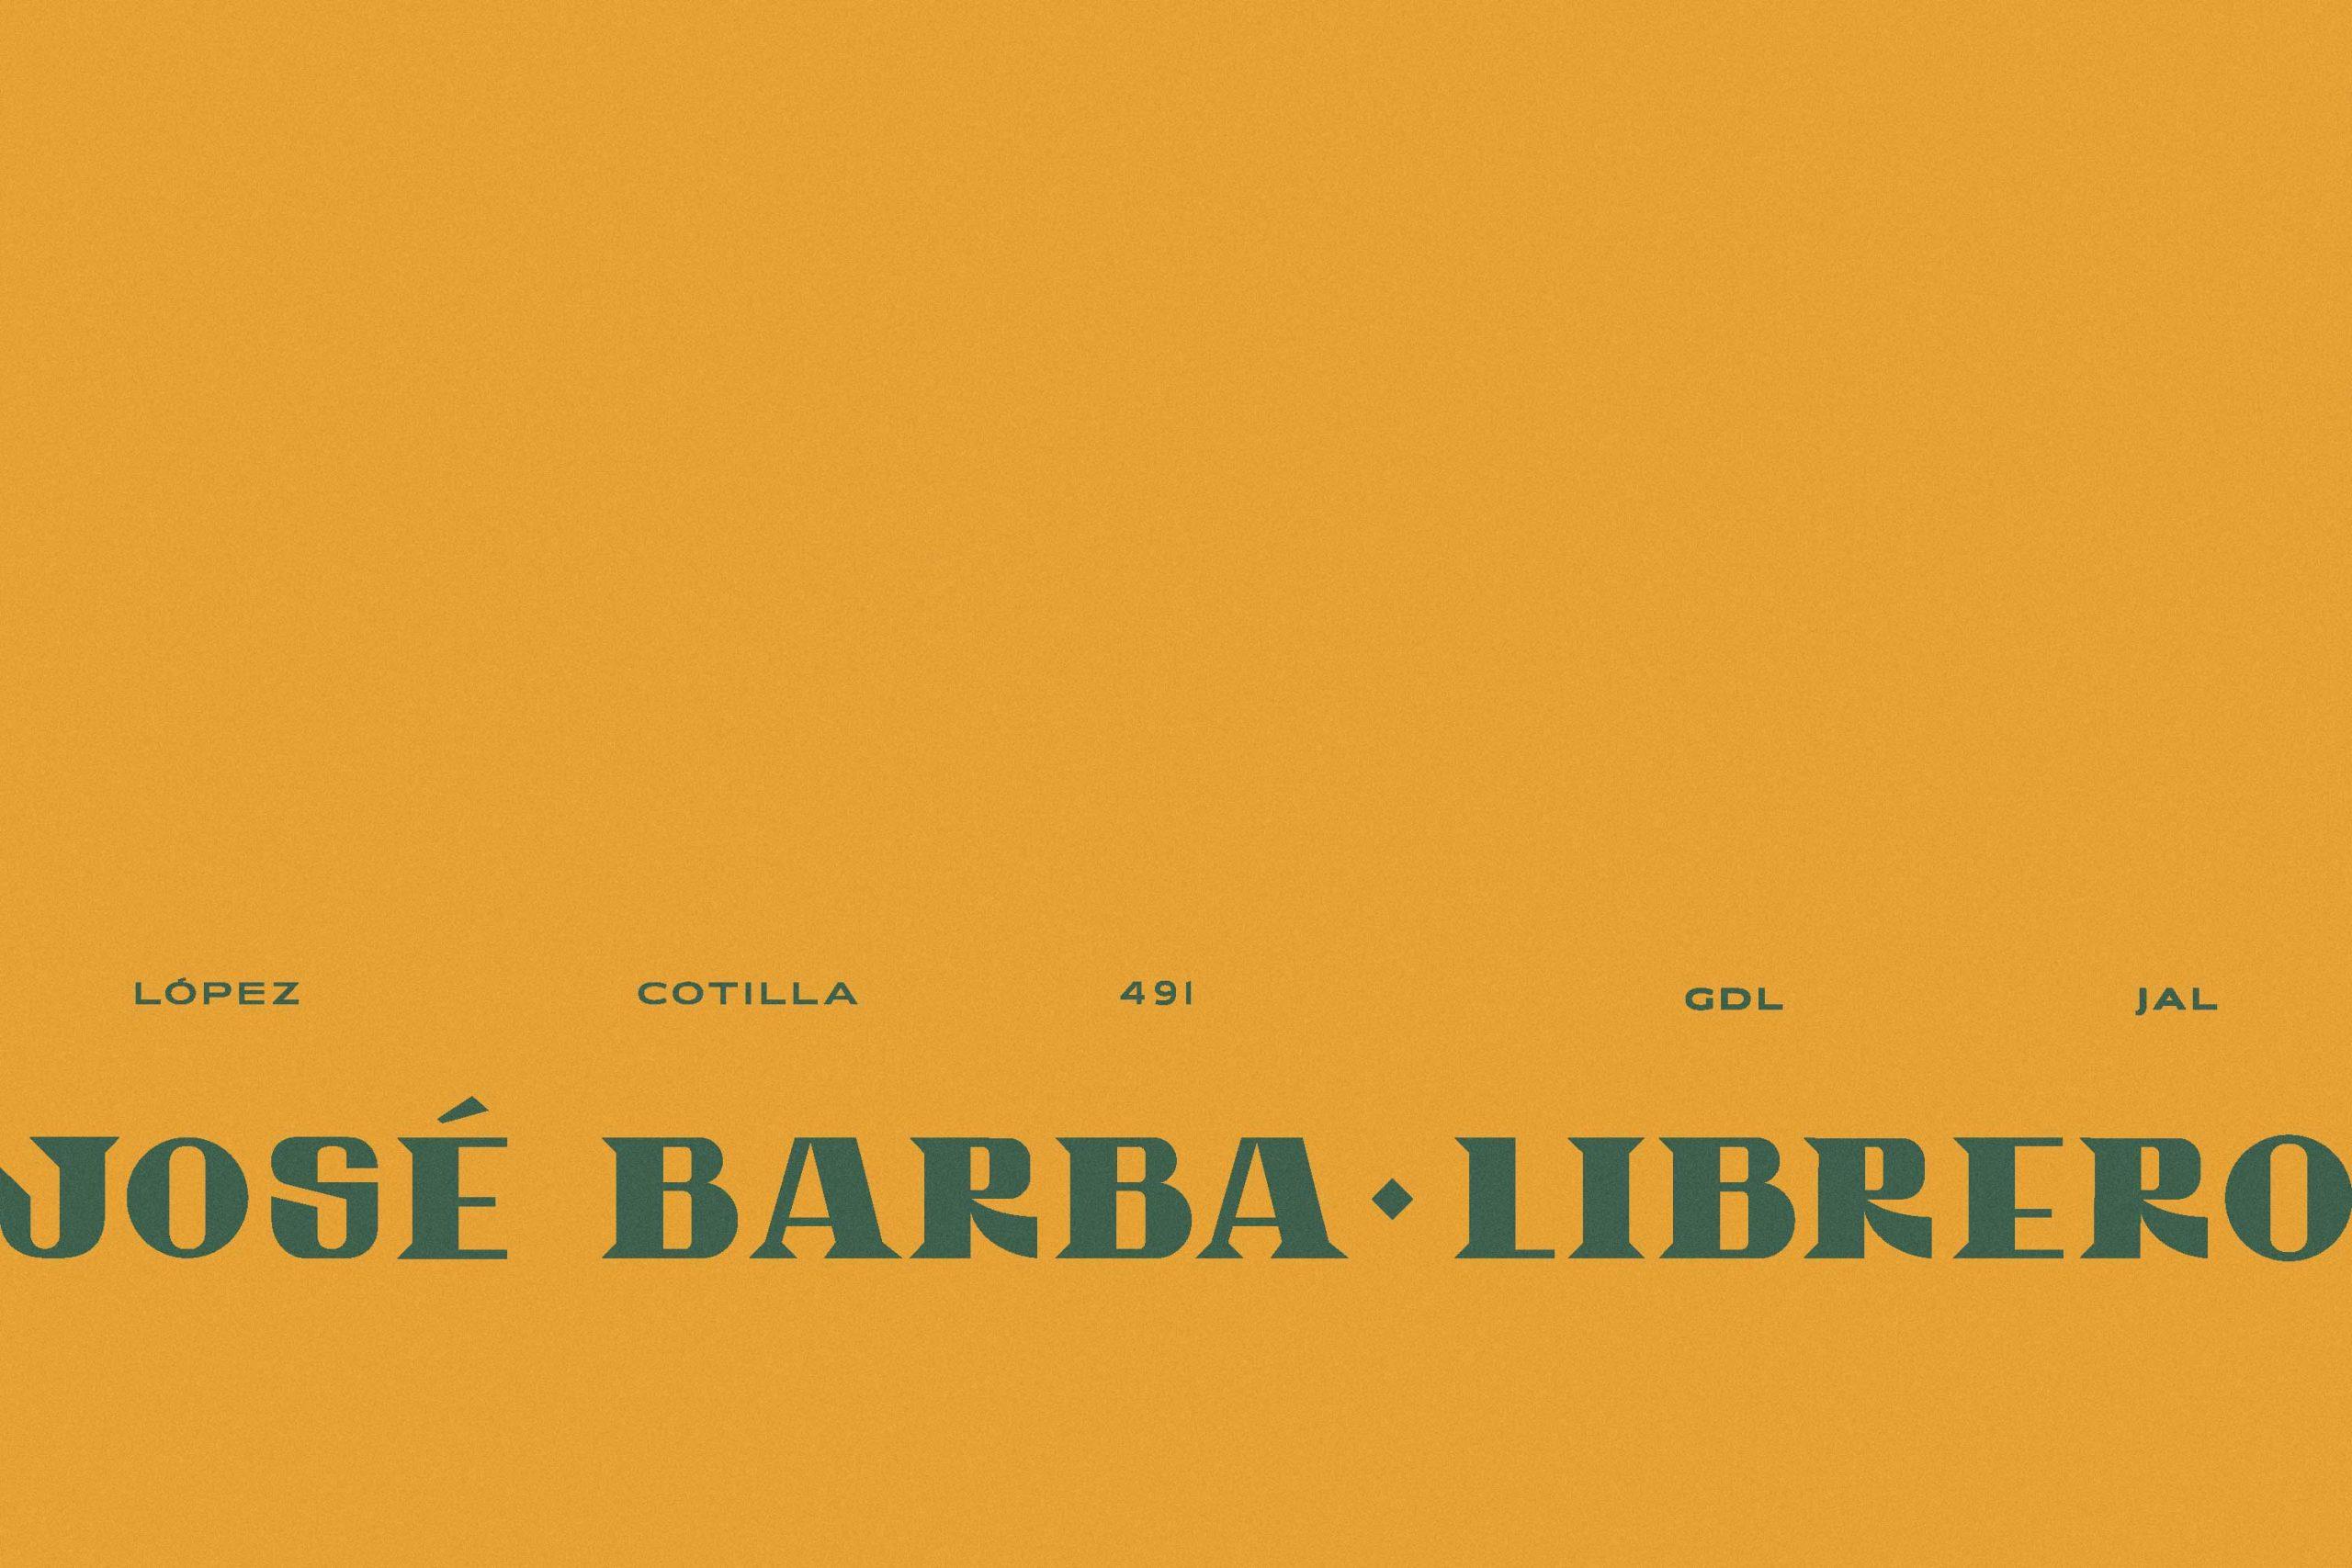 02_JOSE-BARBA-WORD-ALN